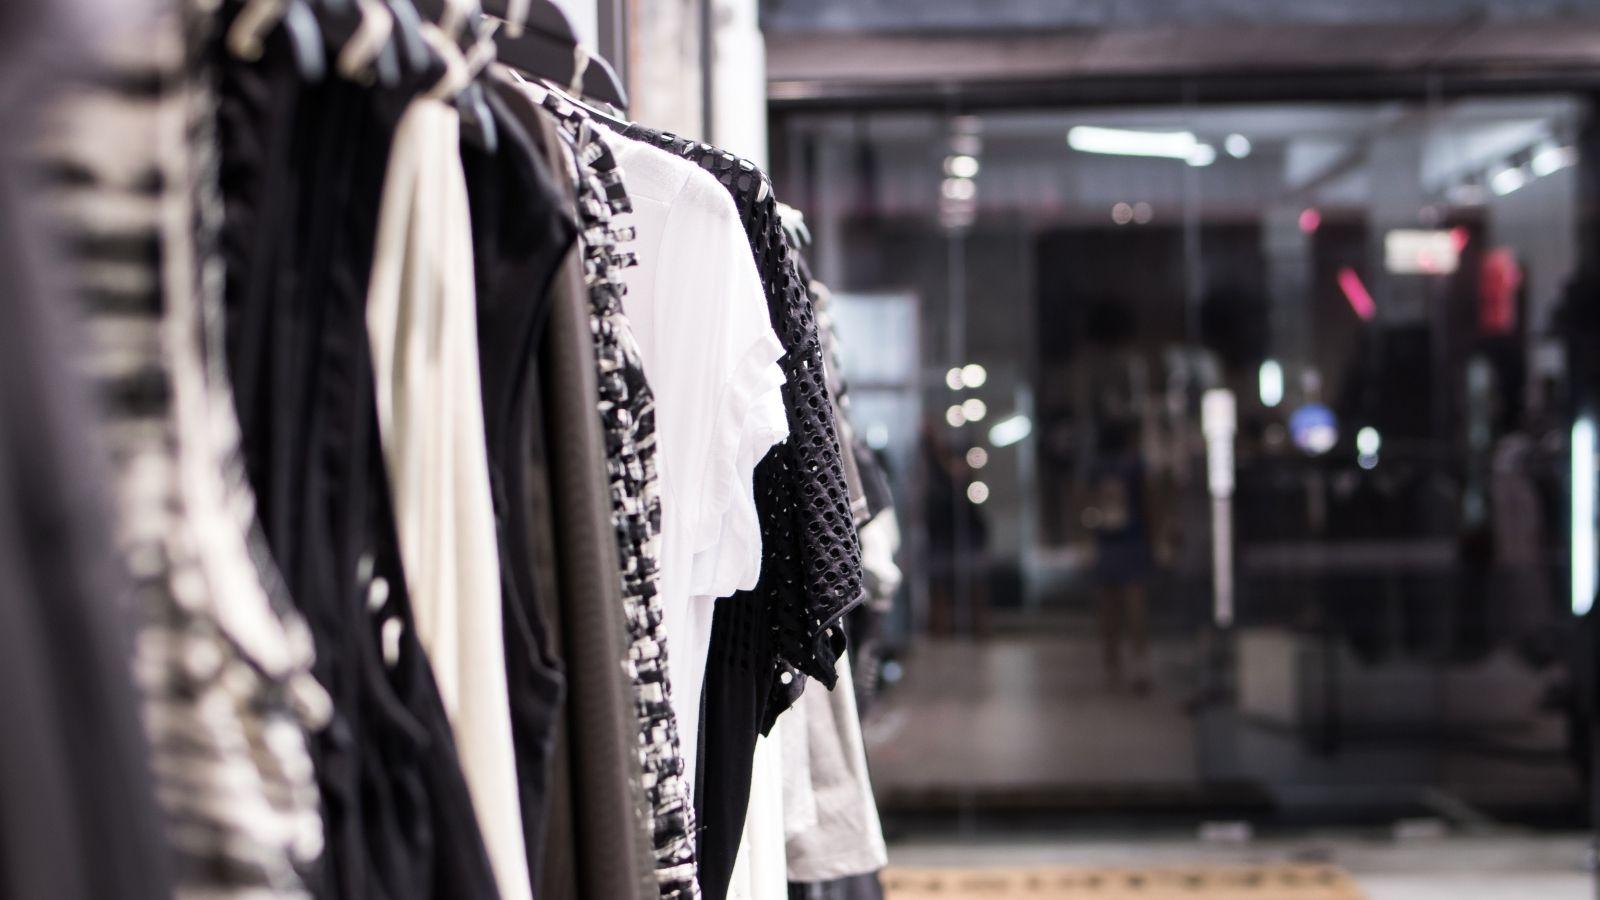 RAPORT: Co cztery lockdowny zrobiły ze sprzedażą ubrań w sieci? Shoper mediarun clothes store